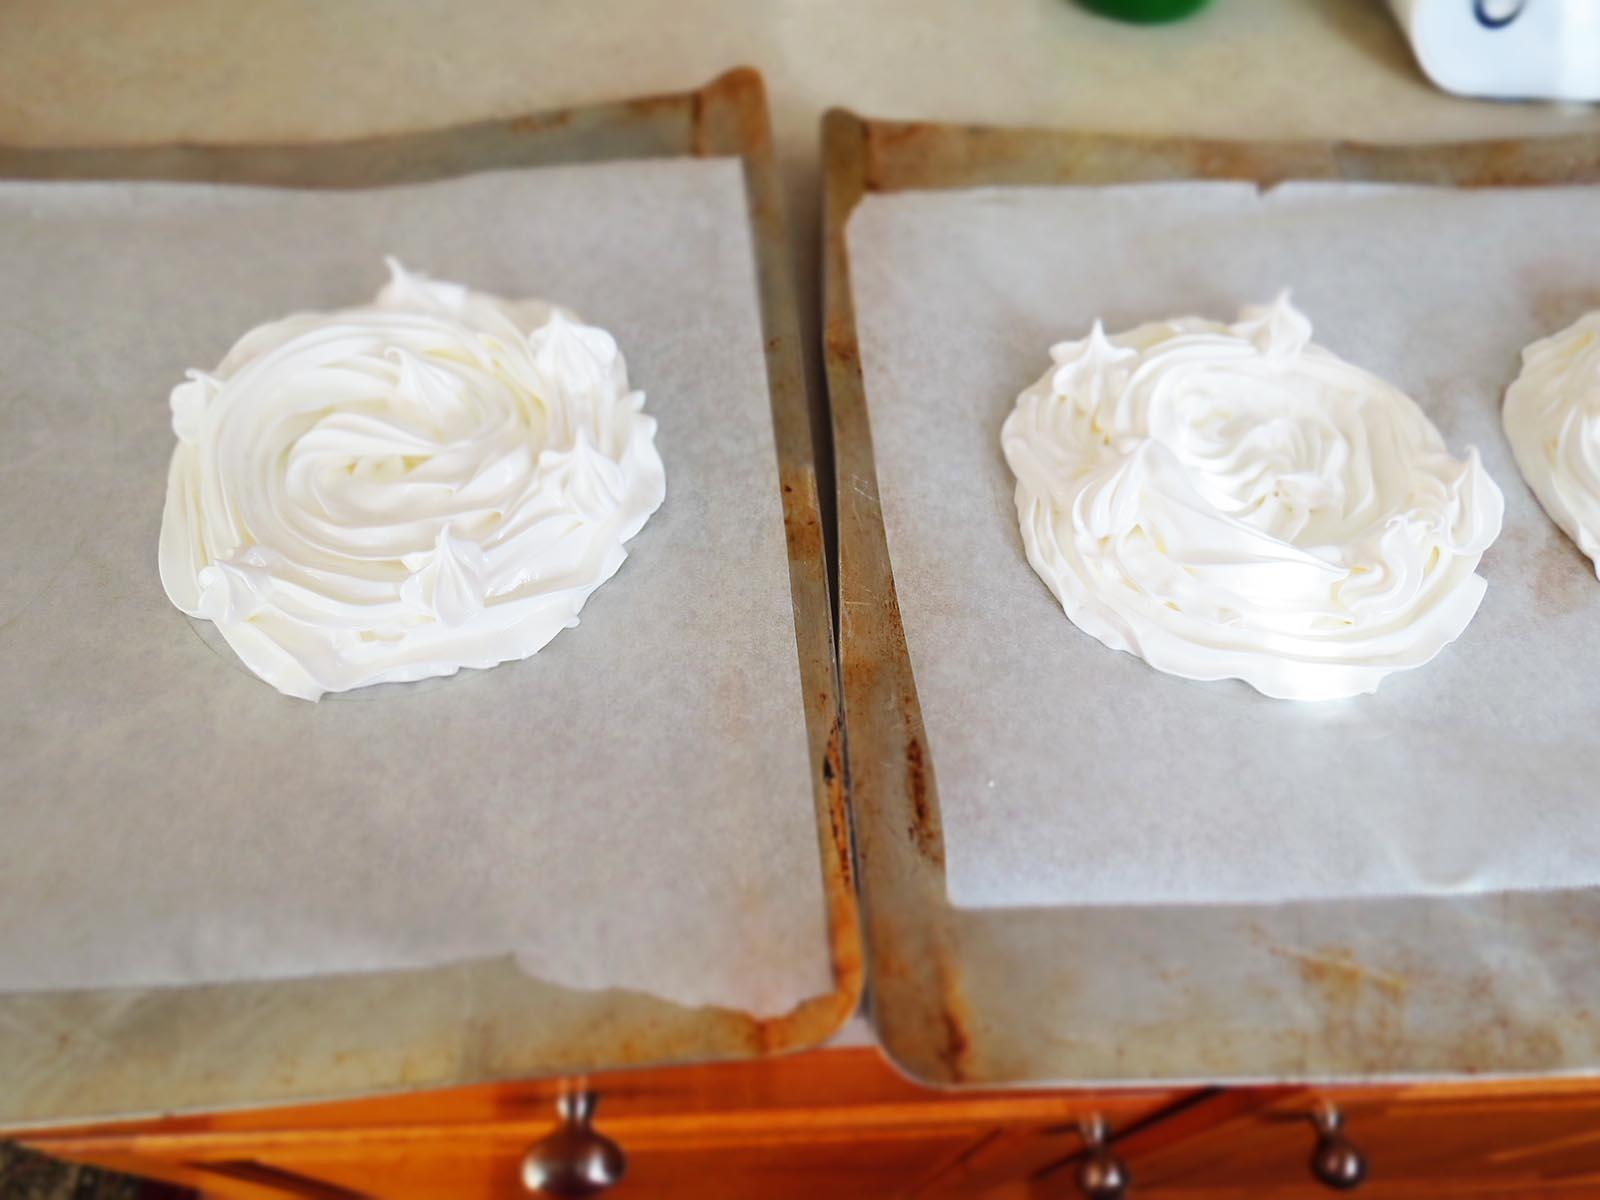 cake-before-baking